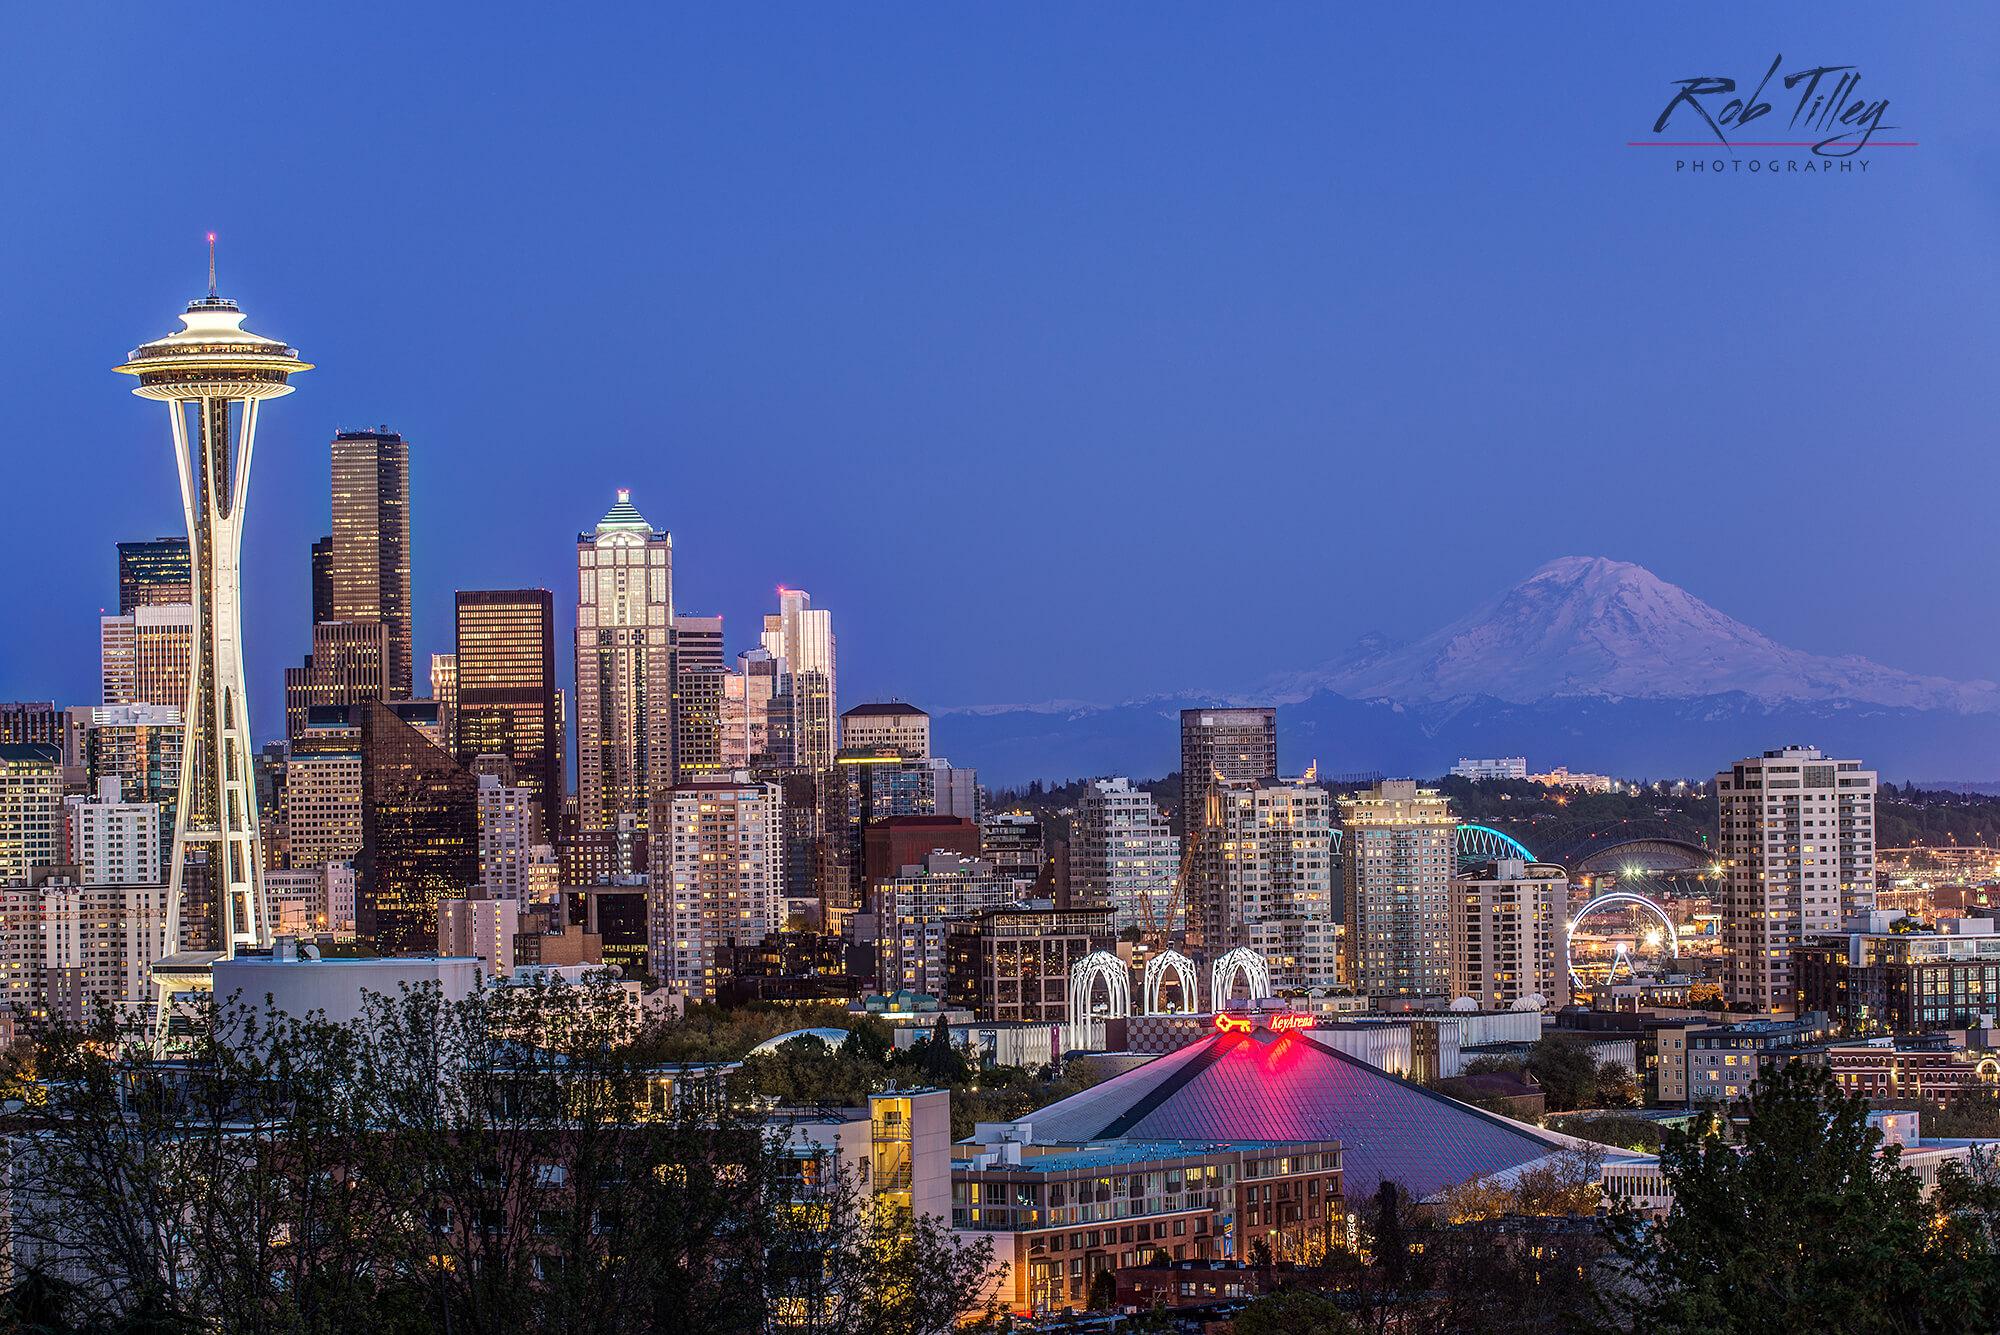 Twilight Mountain City